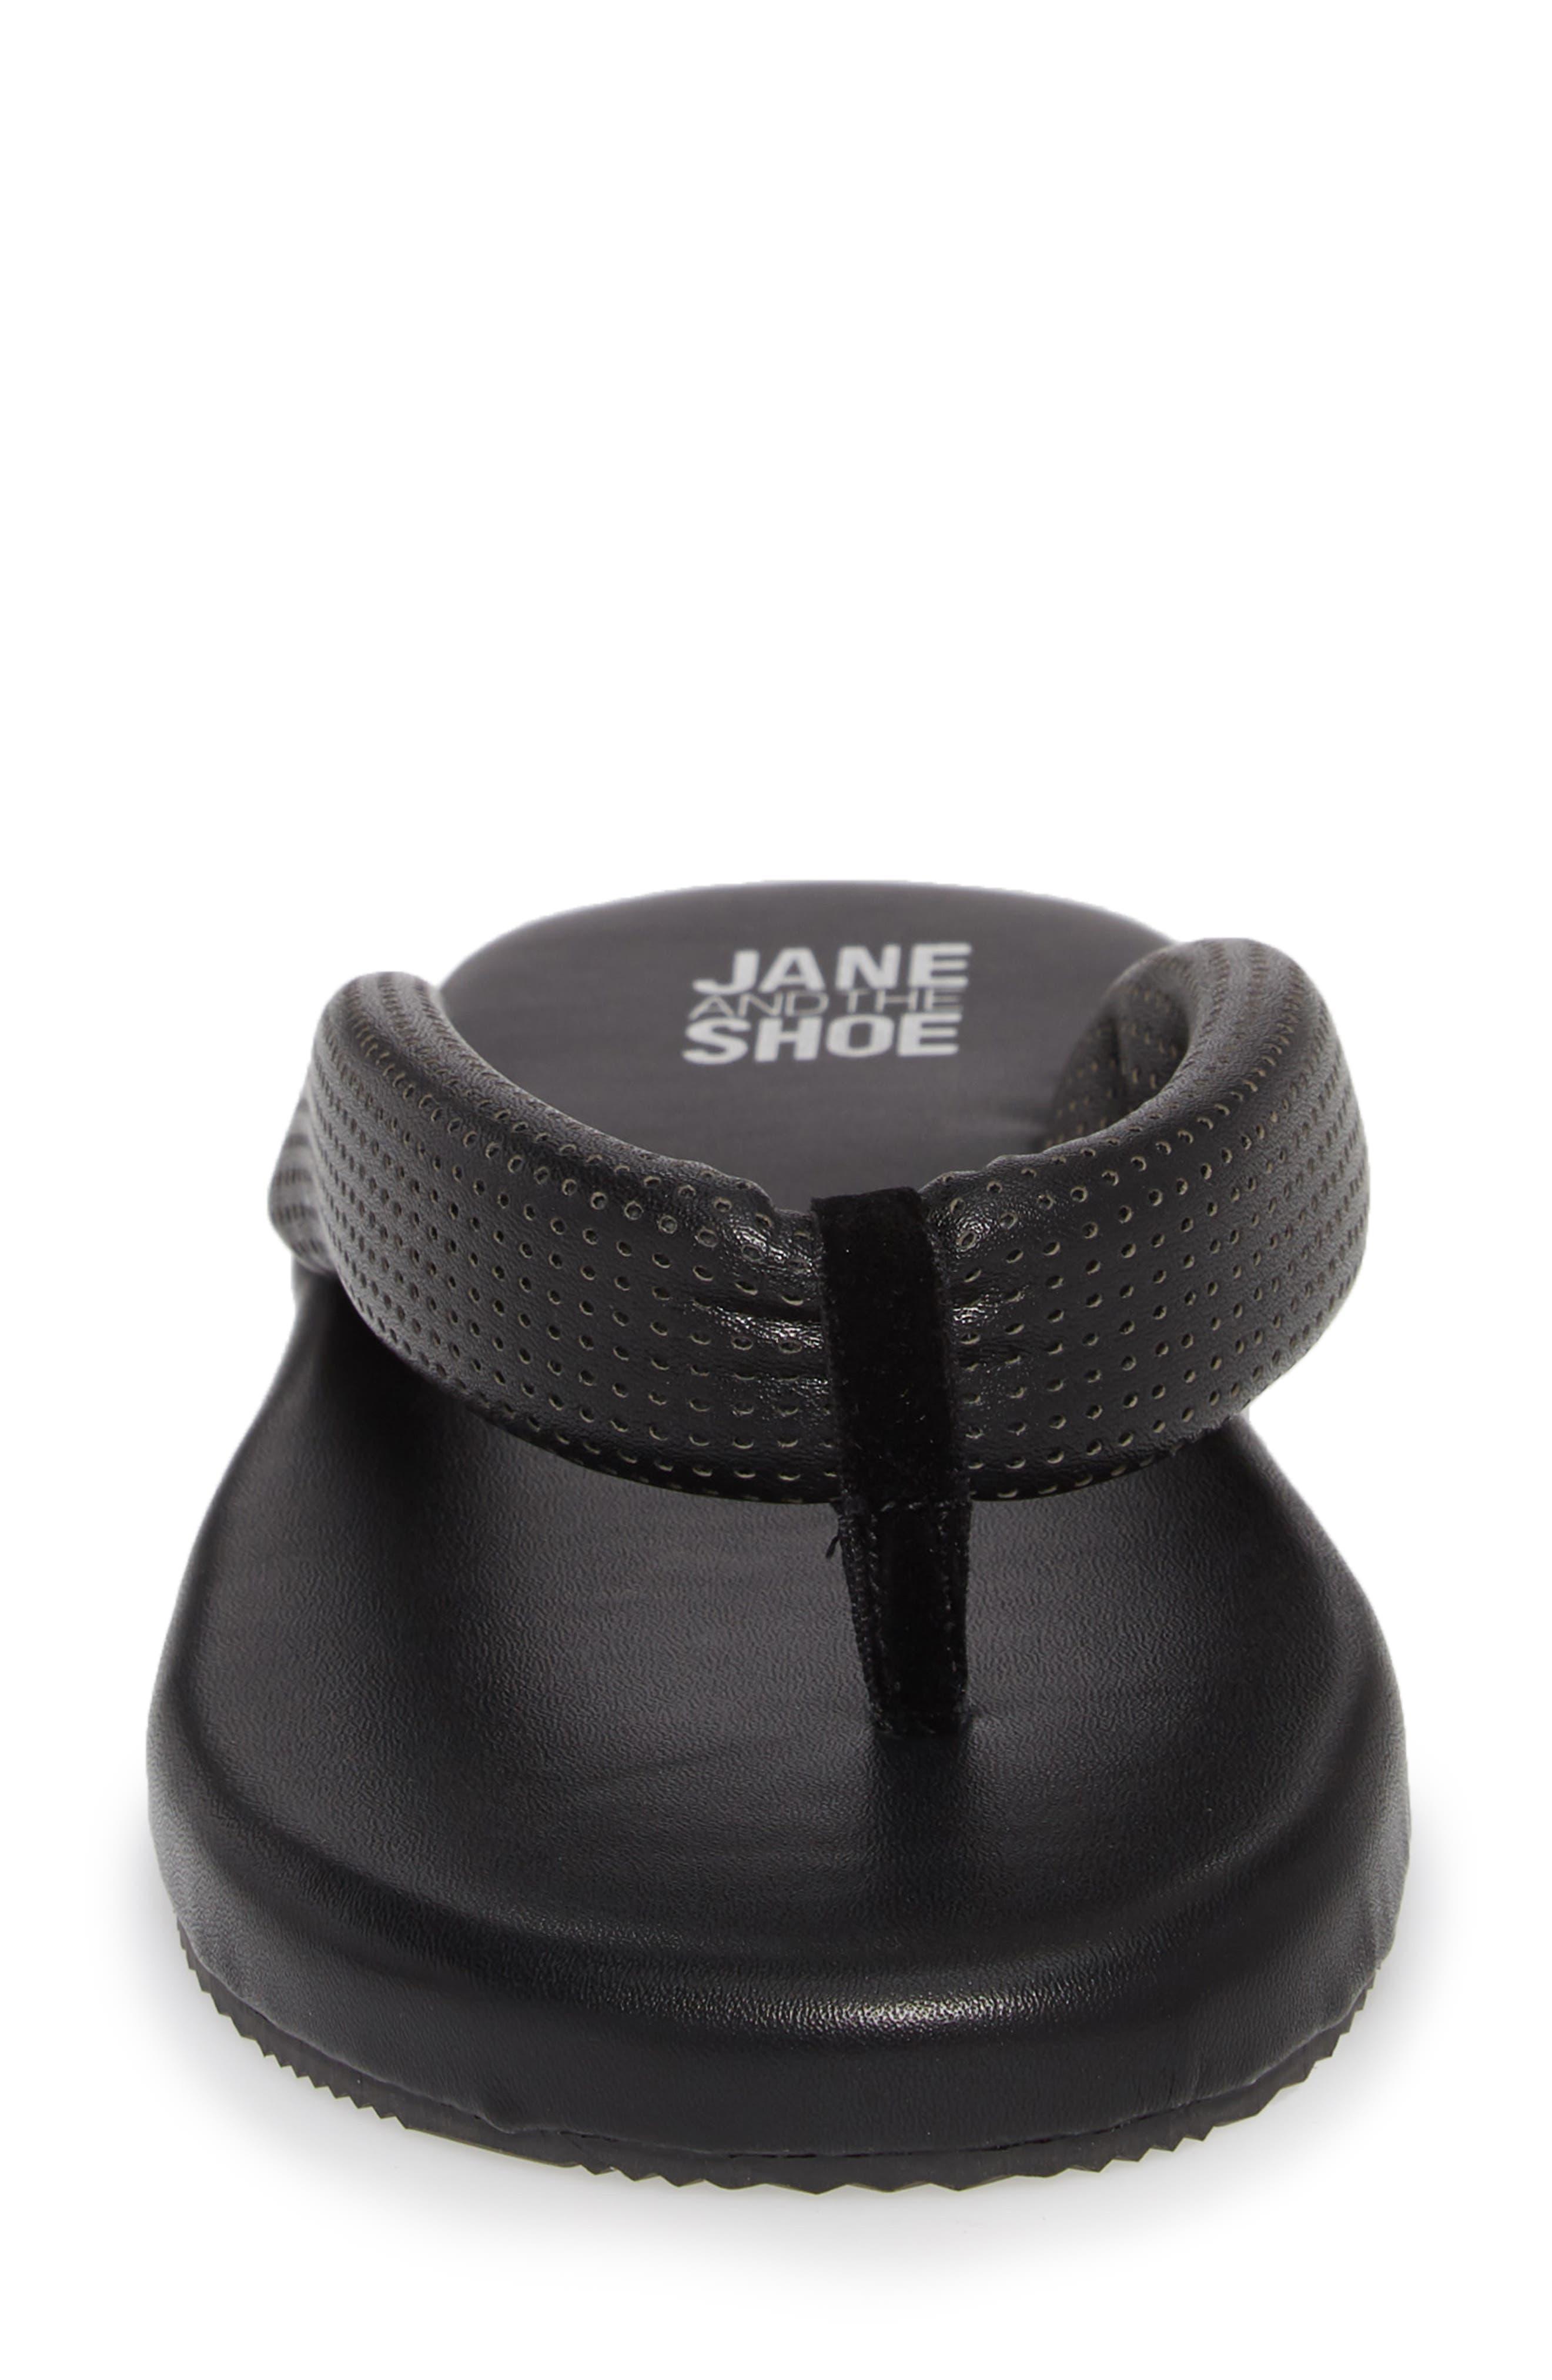 Jaime Plush Flip Flop,                             Alternate thumbnail 4, color,                             001